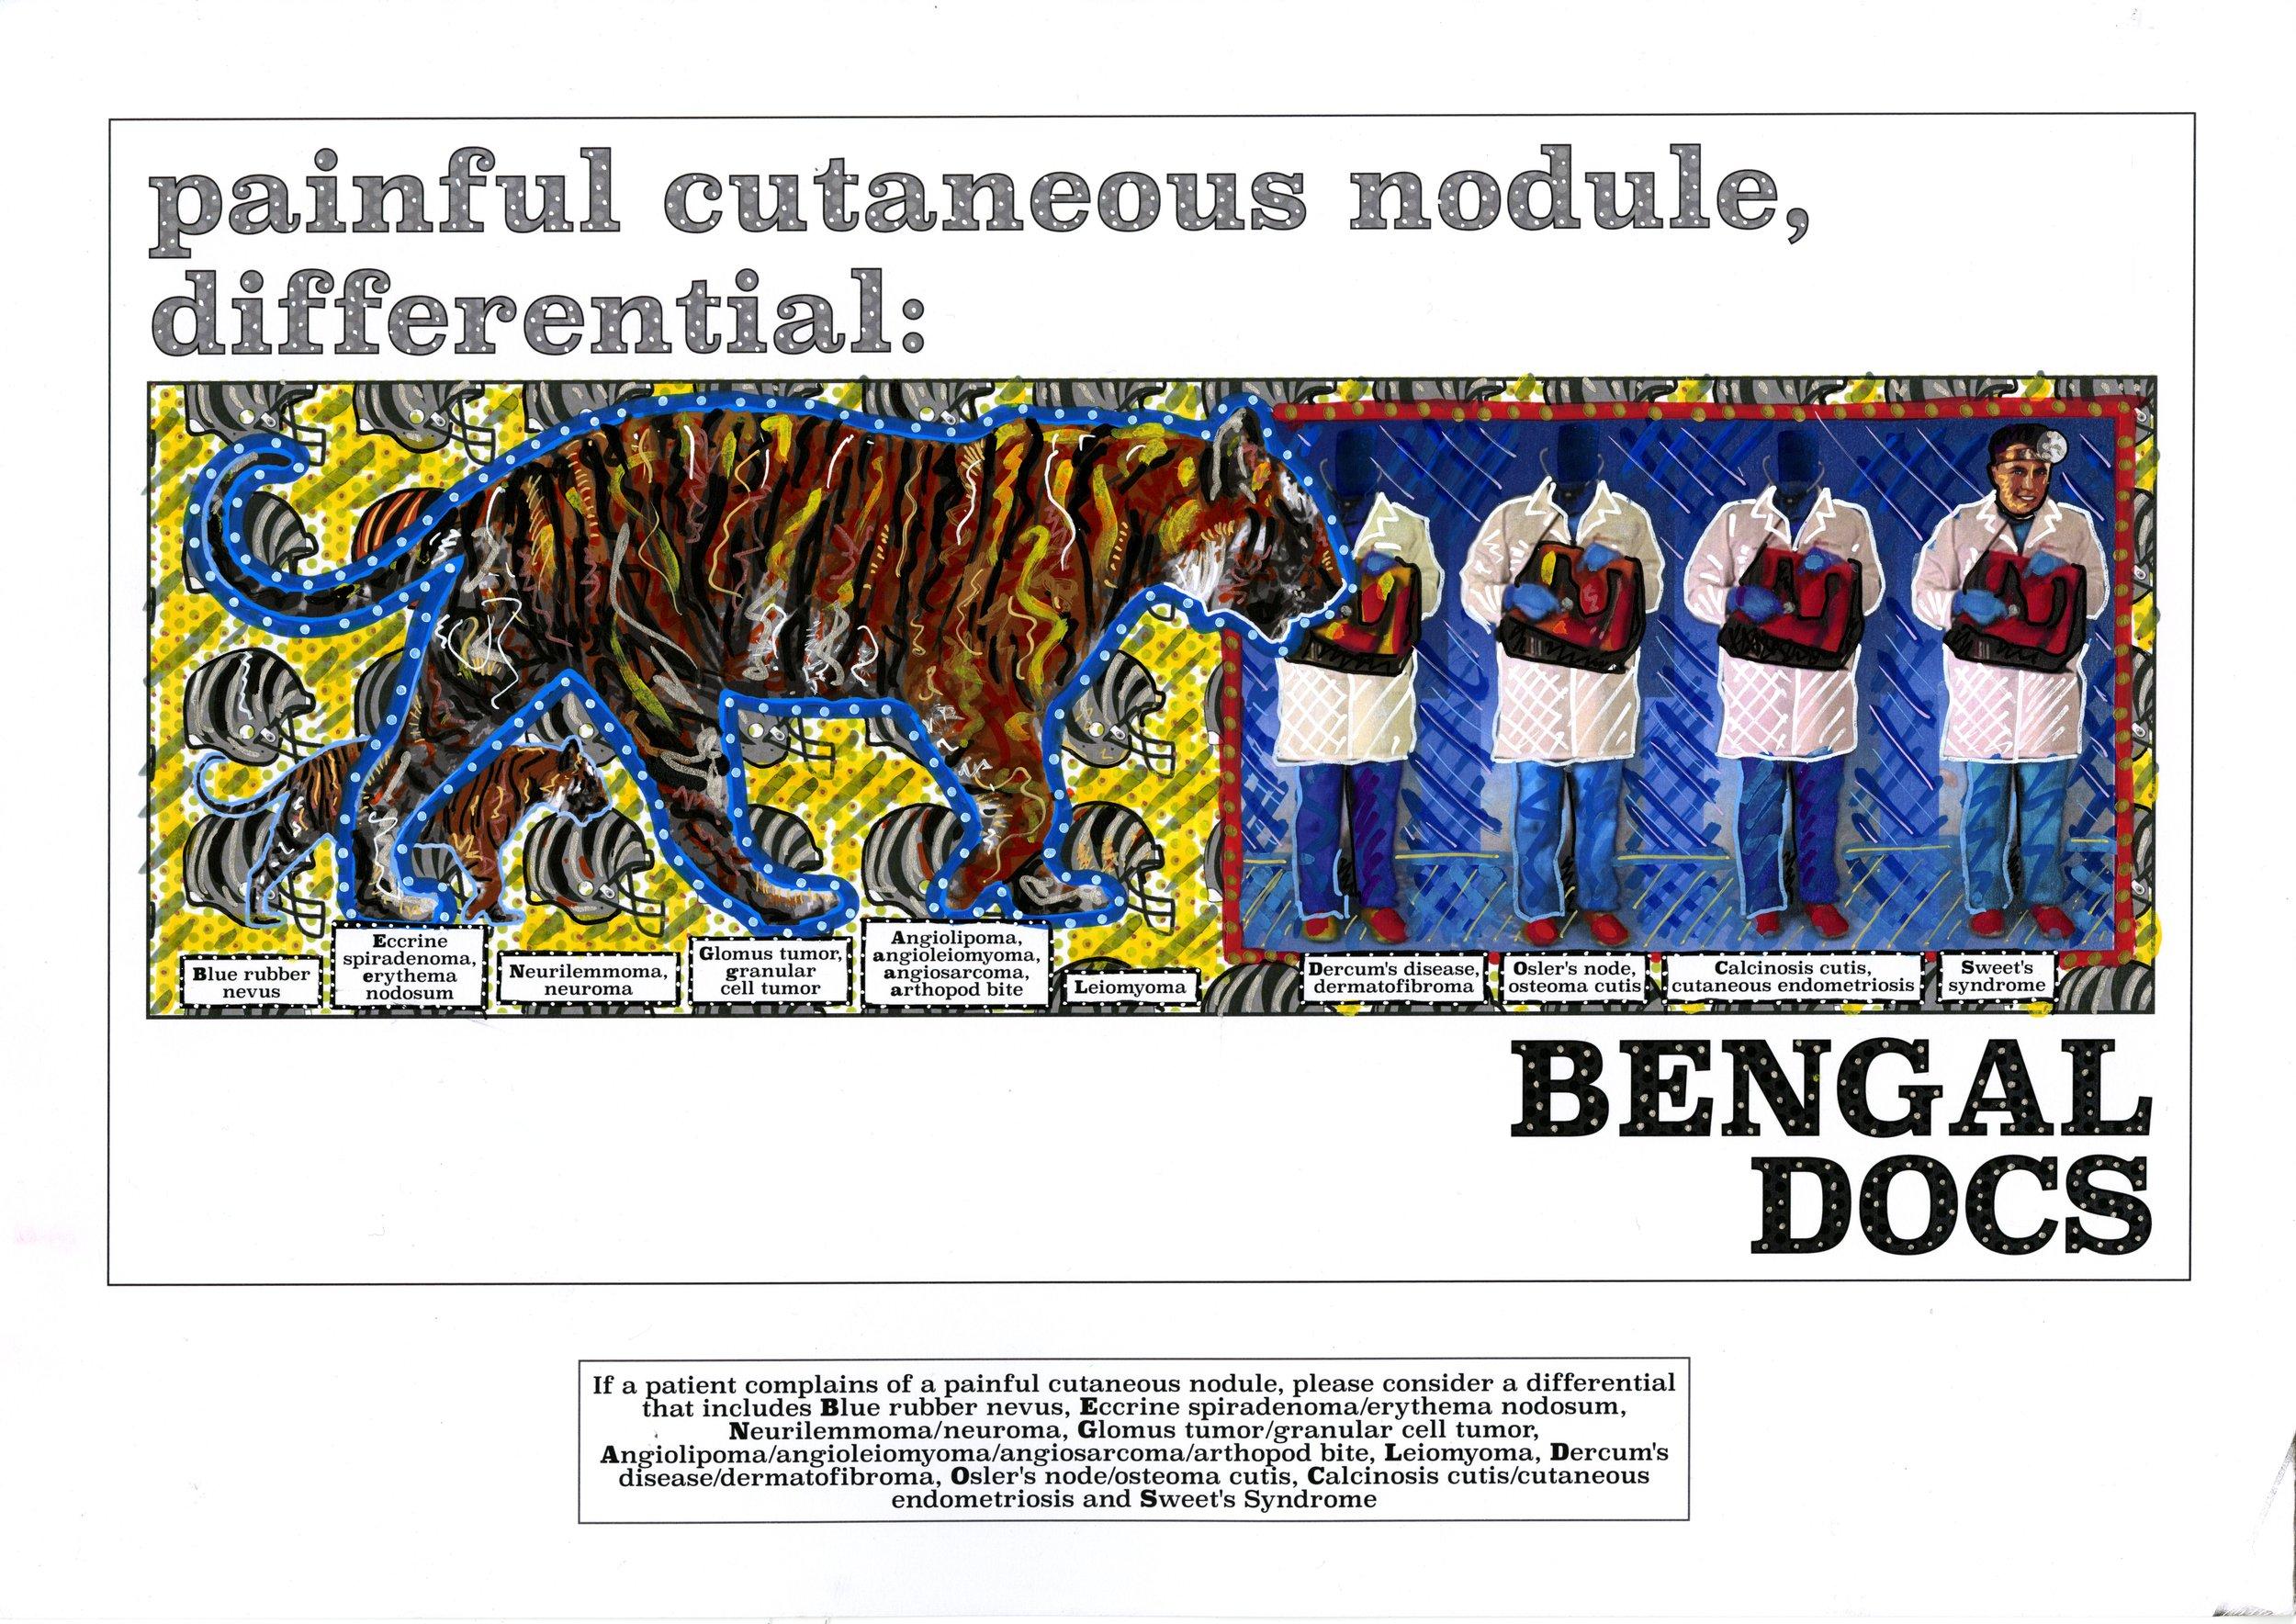 8 BENGAL DOCS.jpg